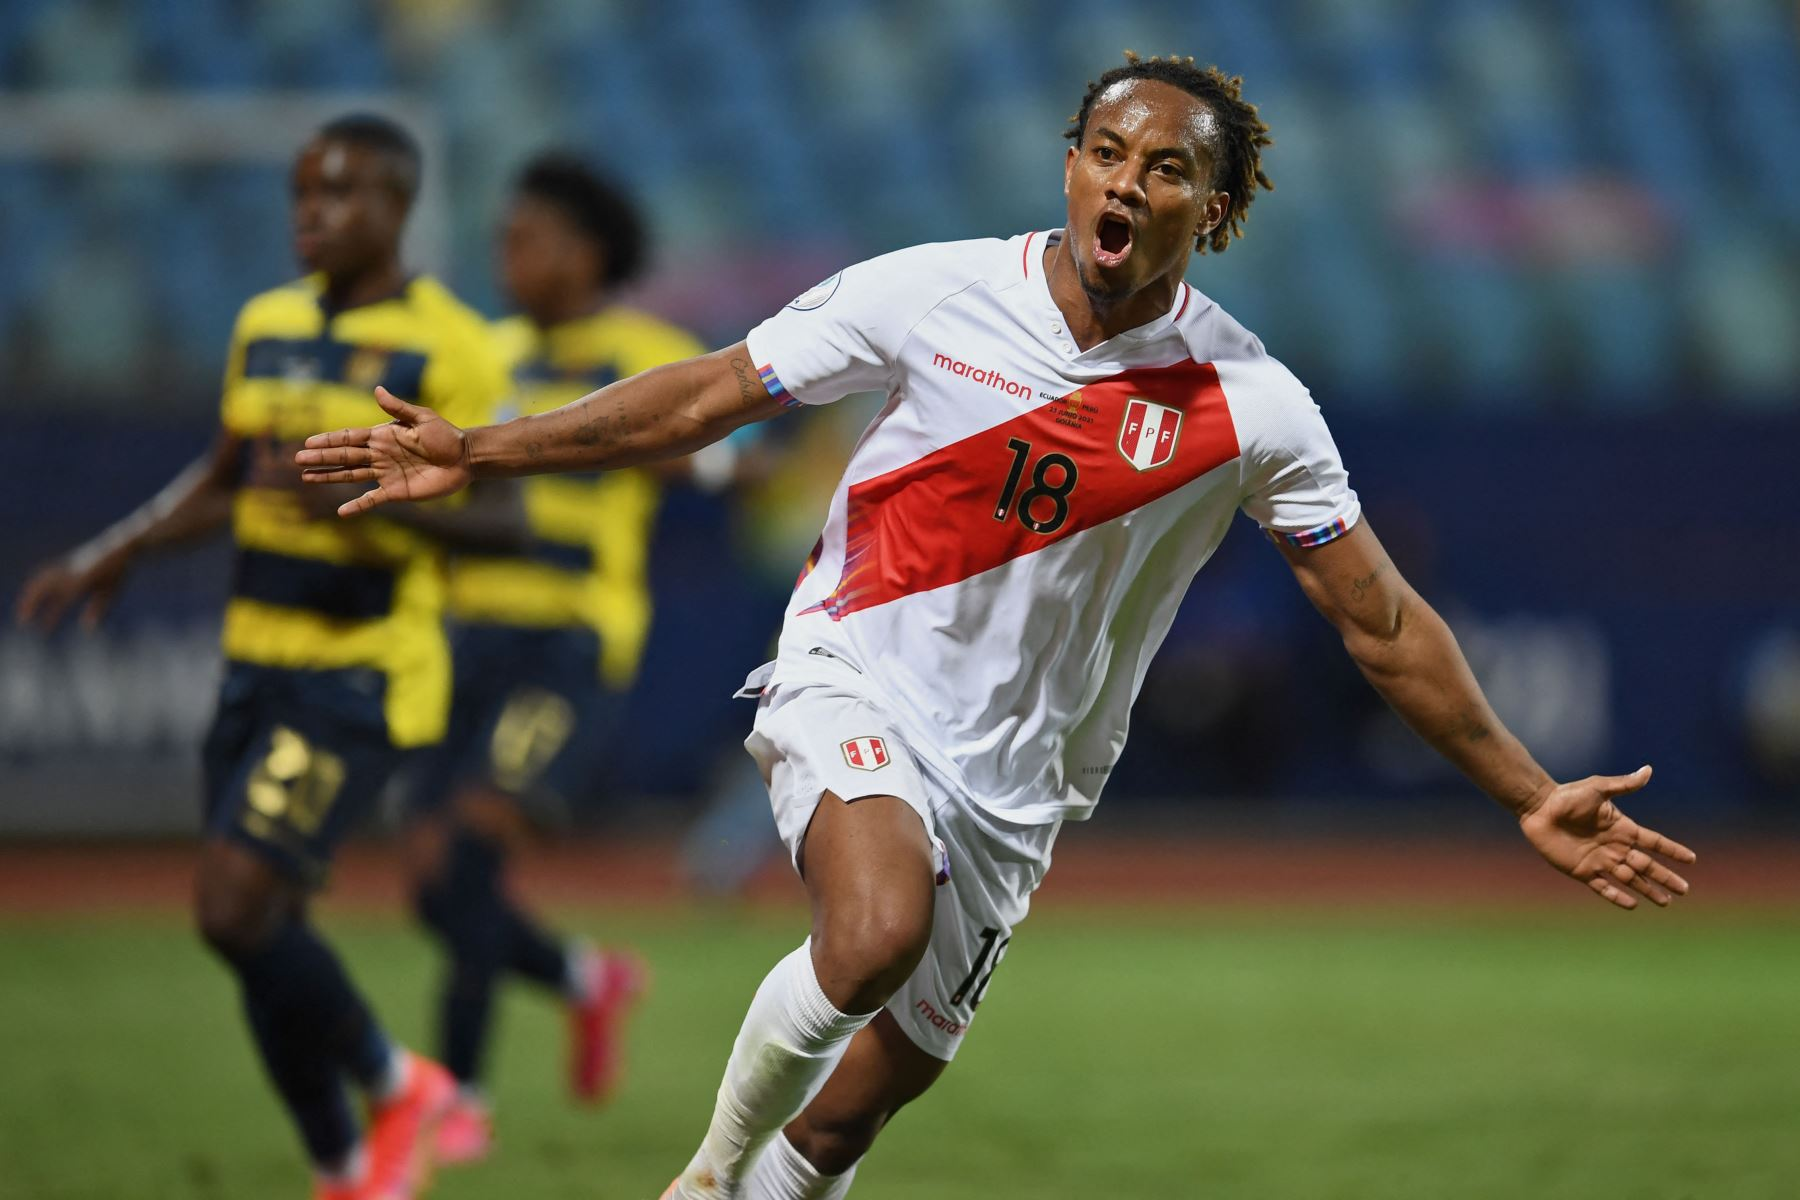 El peruano Andre Carrillo celebra tras anotar contra Ecuador durante el partido de la fase de grupos del torneo de fútbol Conmebol Copa América 2021 en el Estadio Olímpico de Goiania, Brasil. Foto: AFP